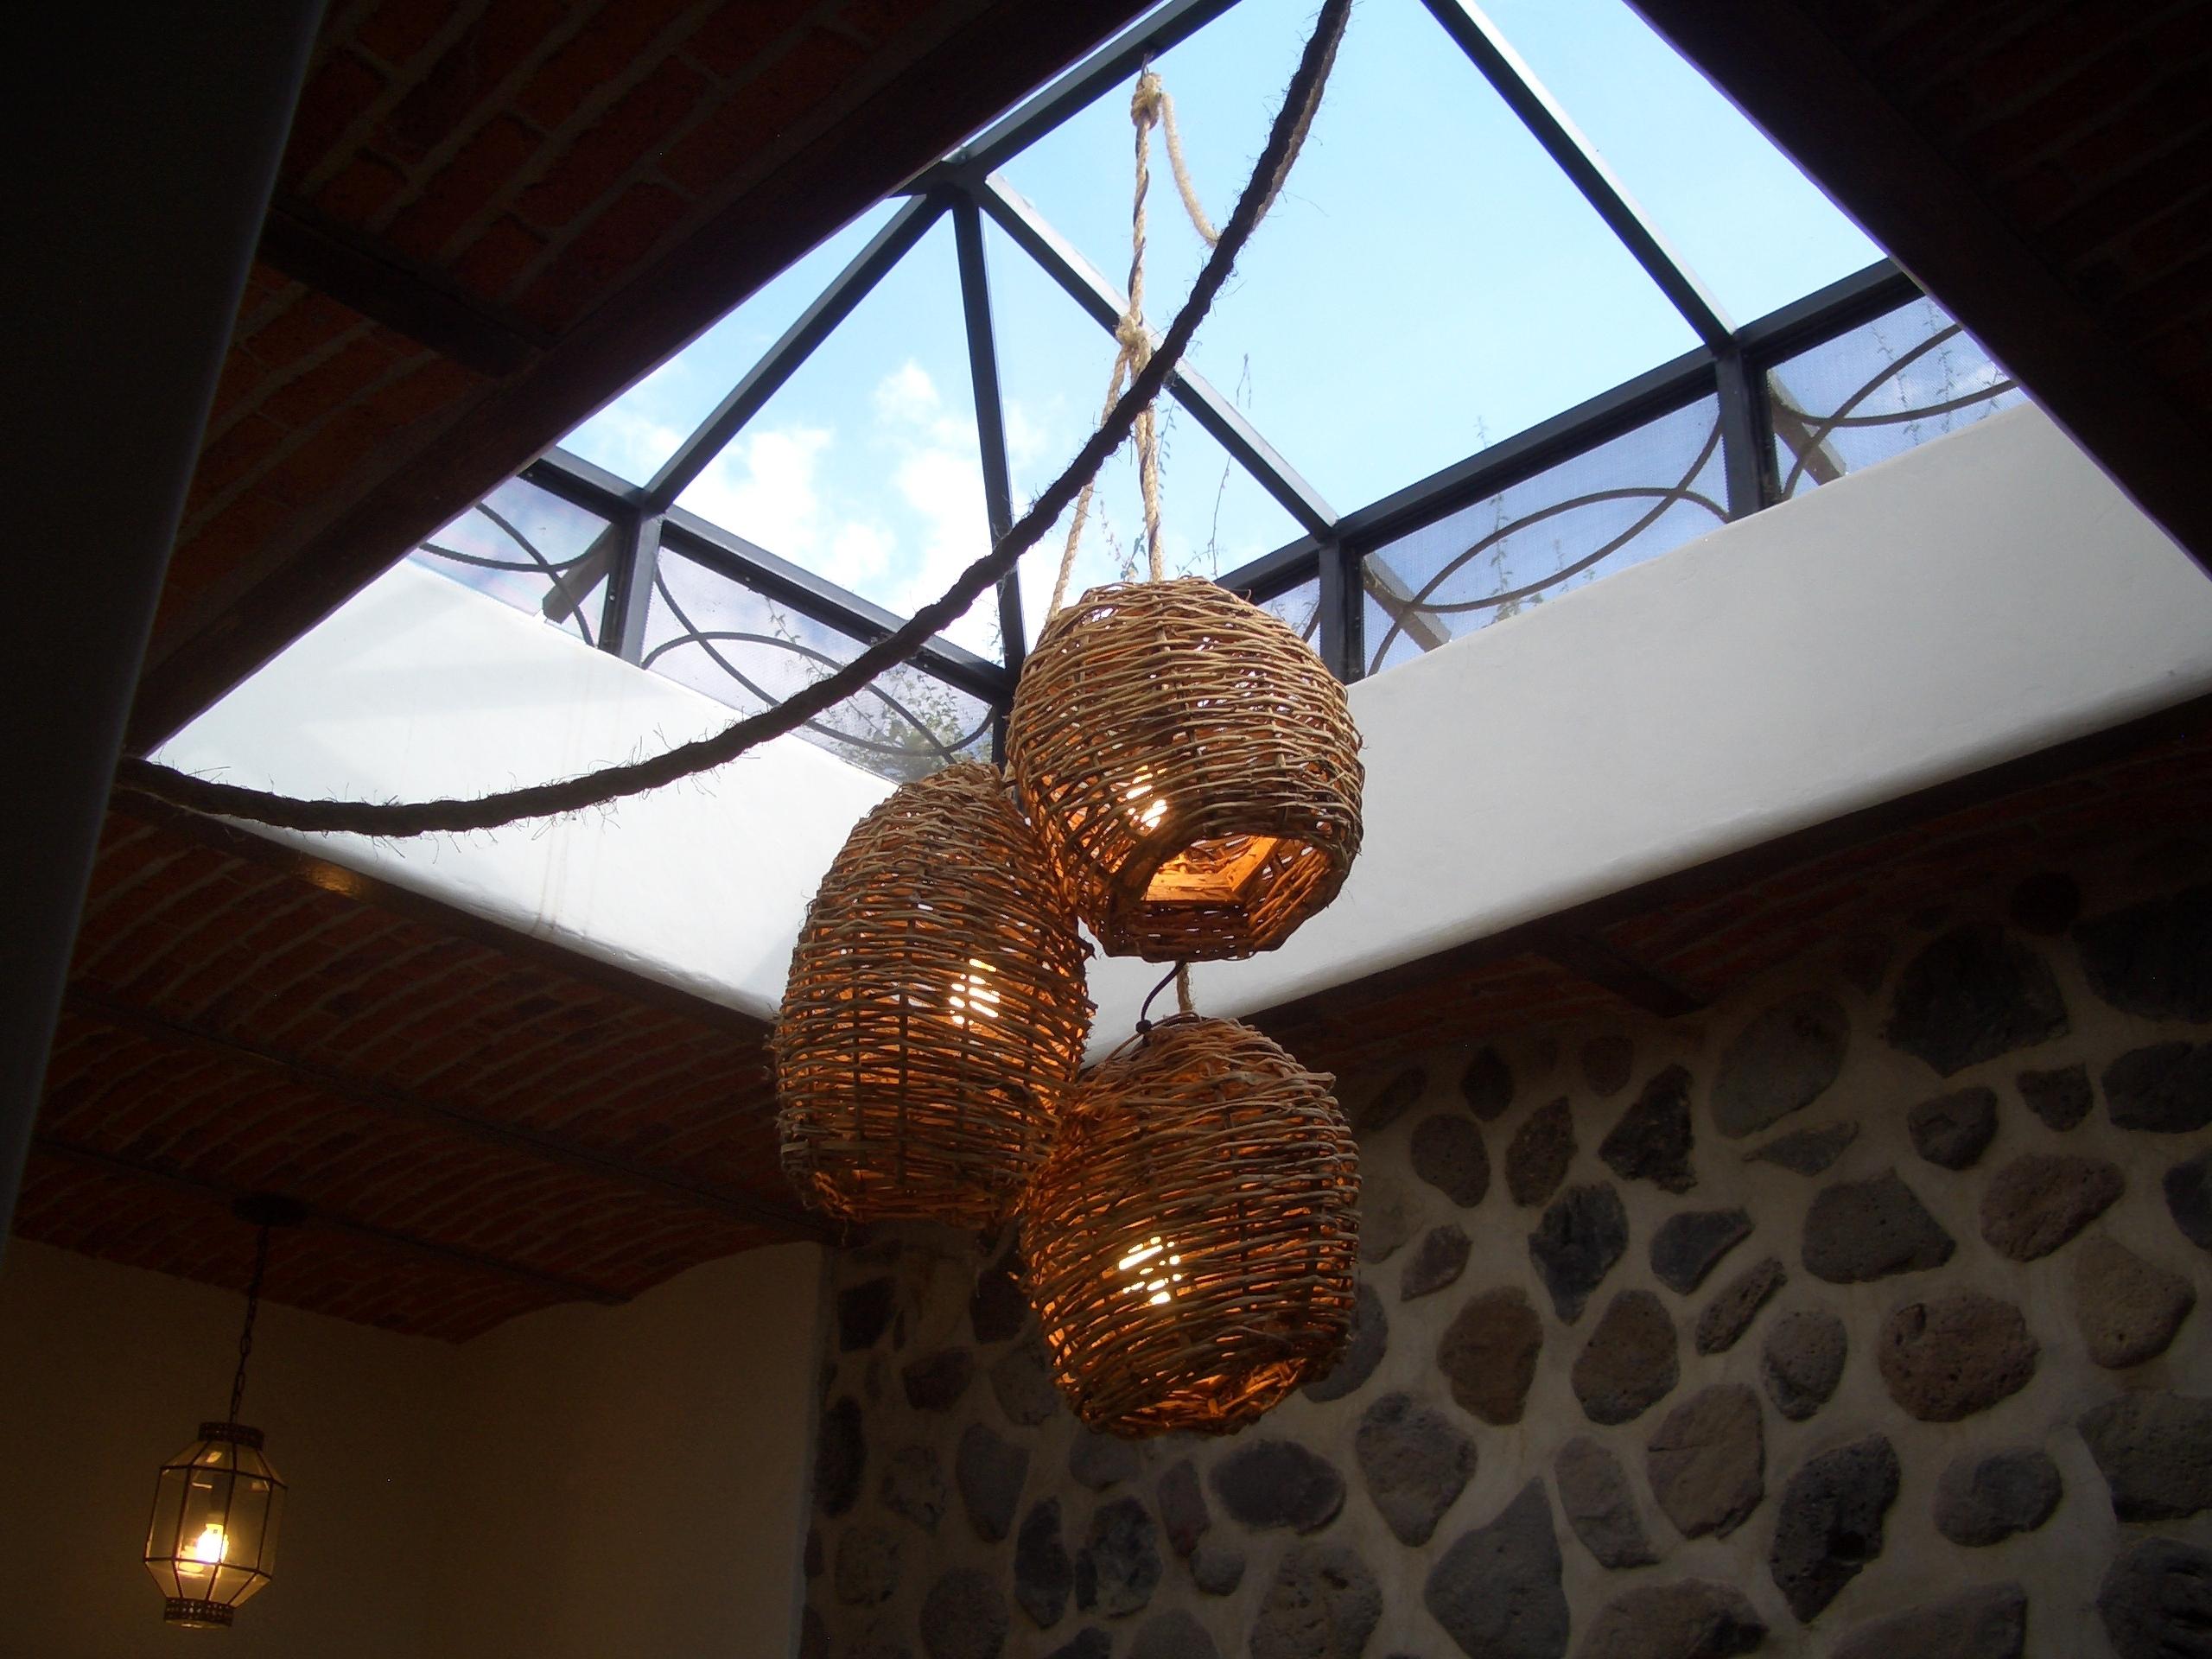 More Light Fixtures! | Casa Mosaica In Ajijic, Jalisco, Mexico Regarding Outdoor Hanging Basket Lights (#14 of 15)